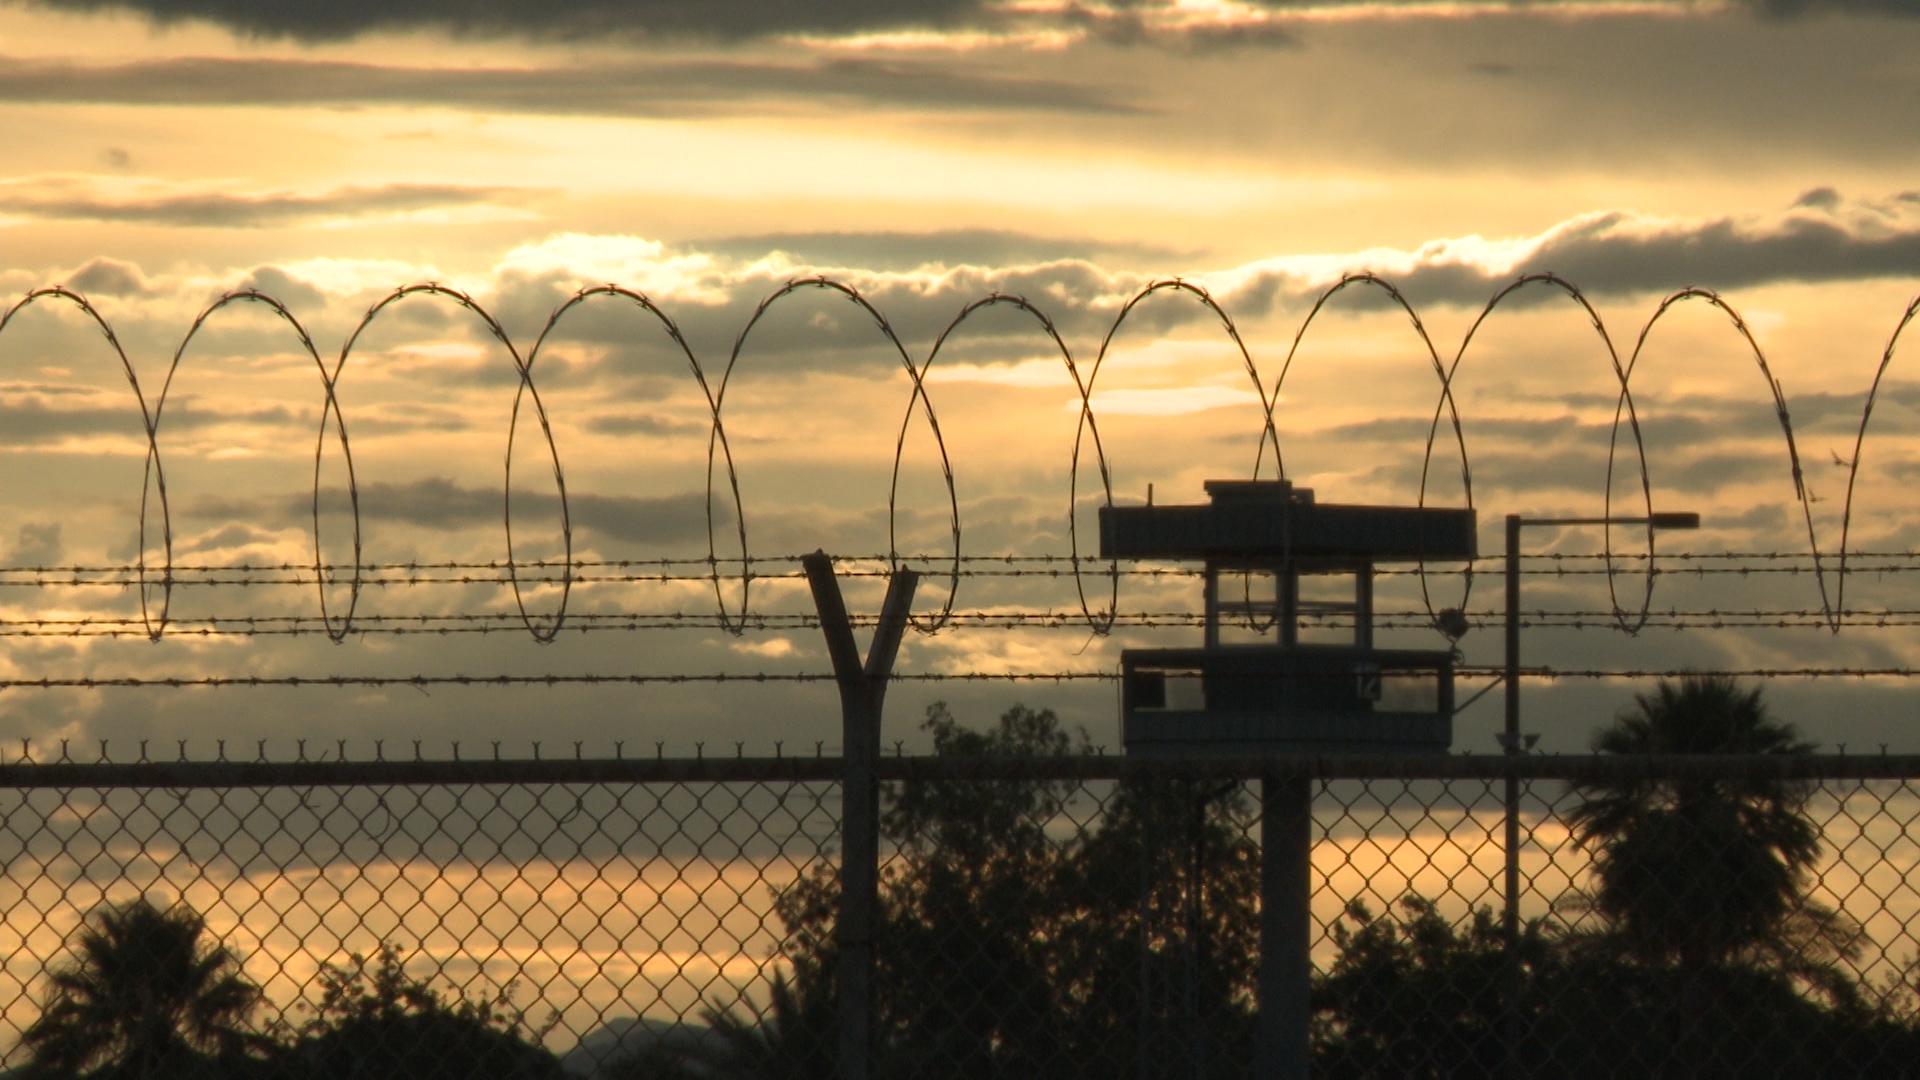 Barbed wire around a detention center.